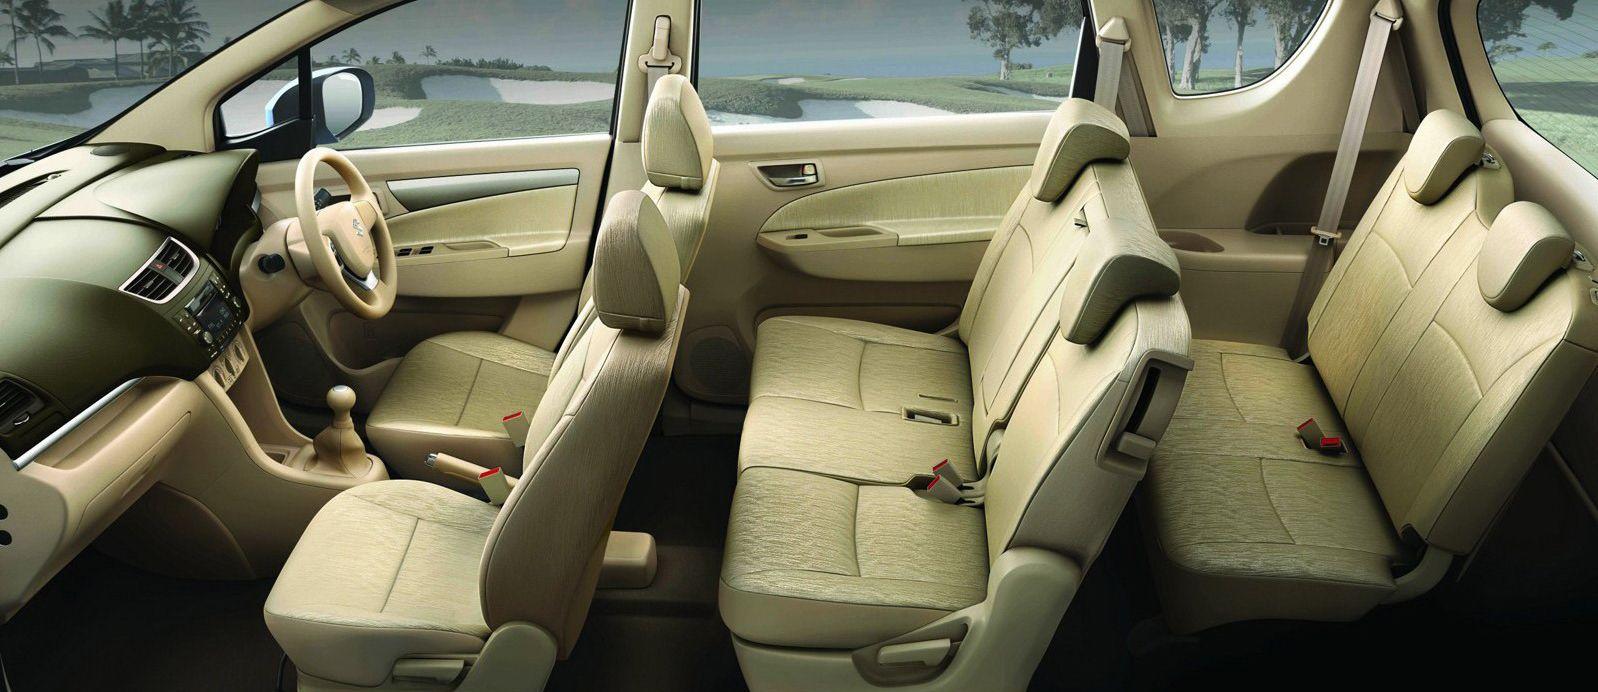 Interior Design 2014 Suzuki Ertiga 2014suzukiertiga Car Autos